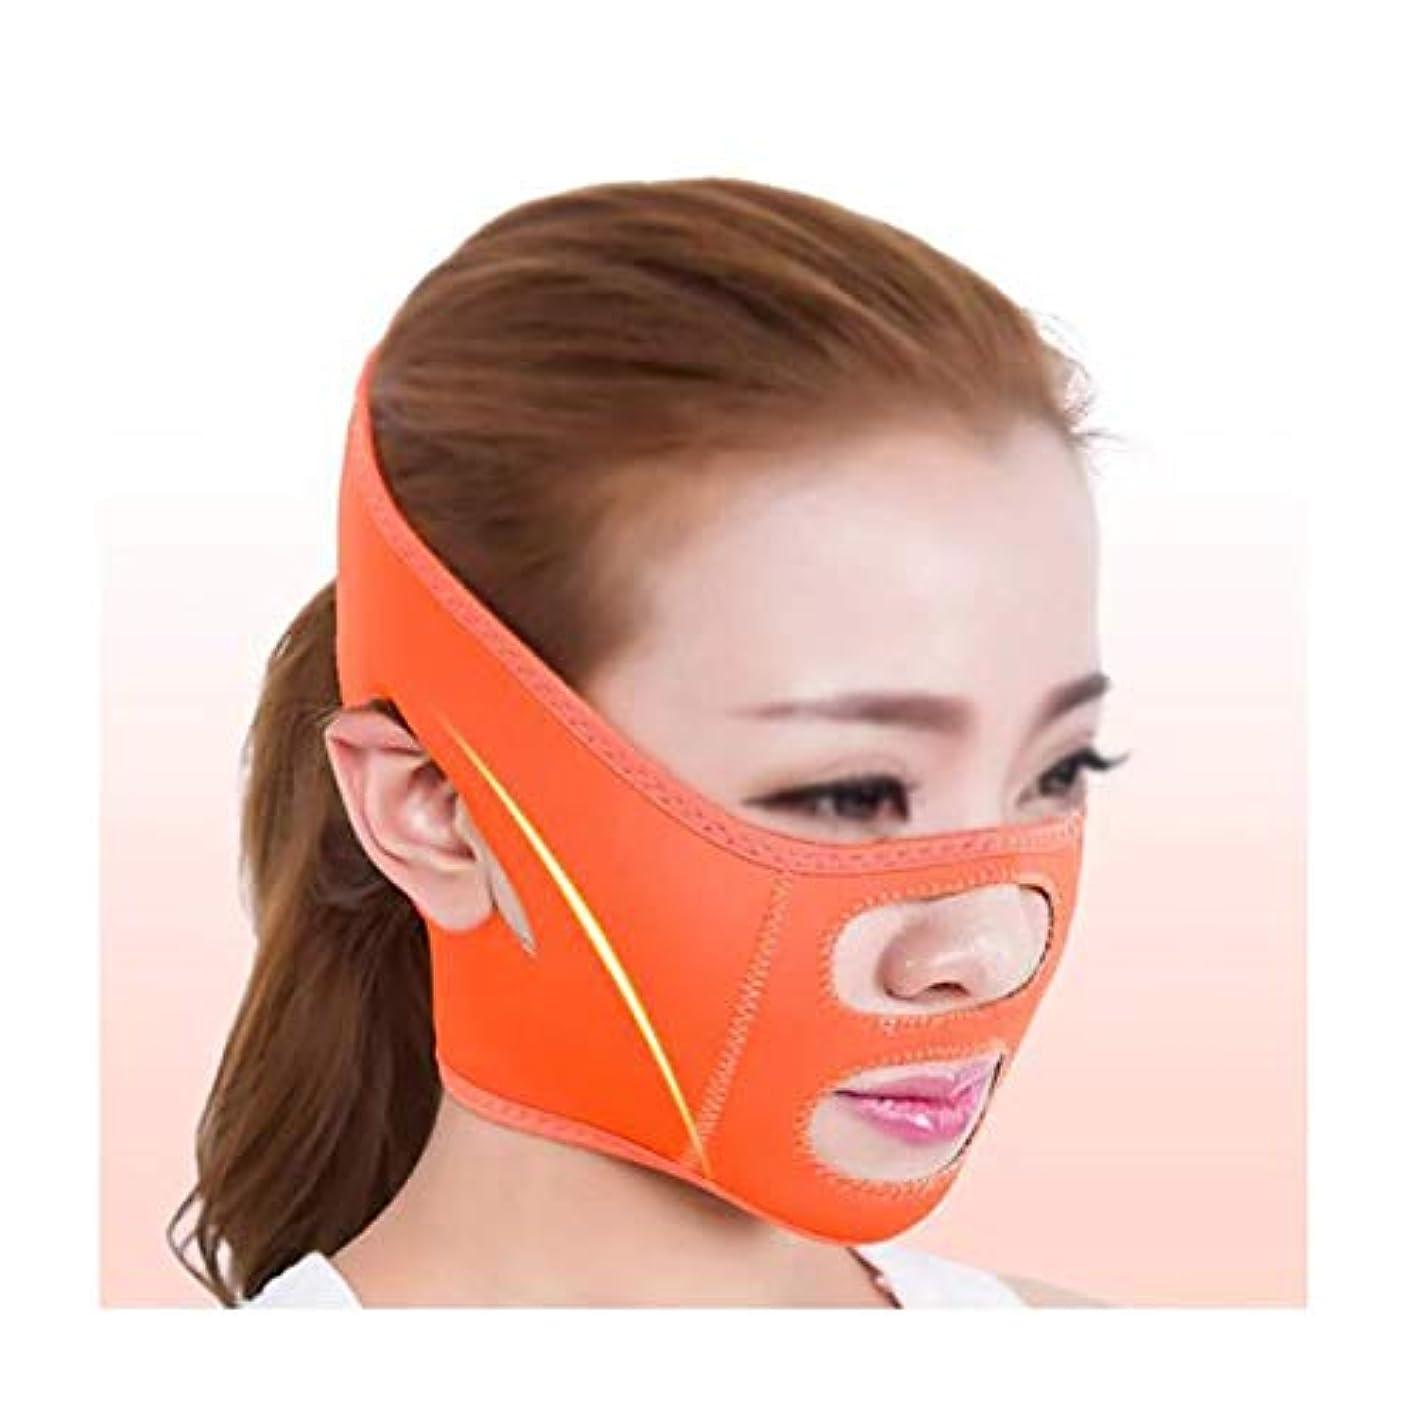 ベスト表現儀式ファーミングフェイスマスク、術後リフティングマスクホーム包帯揺れネットワーク赤女性Vフェイスステッカーストラップ楽器顔アーティファクト(色:青),オレンジ